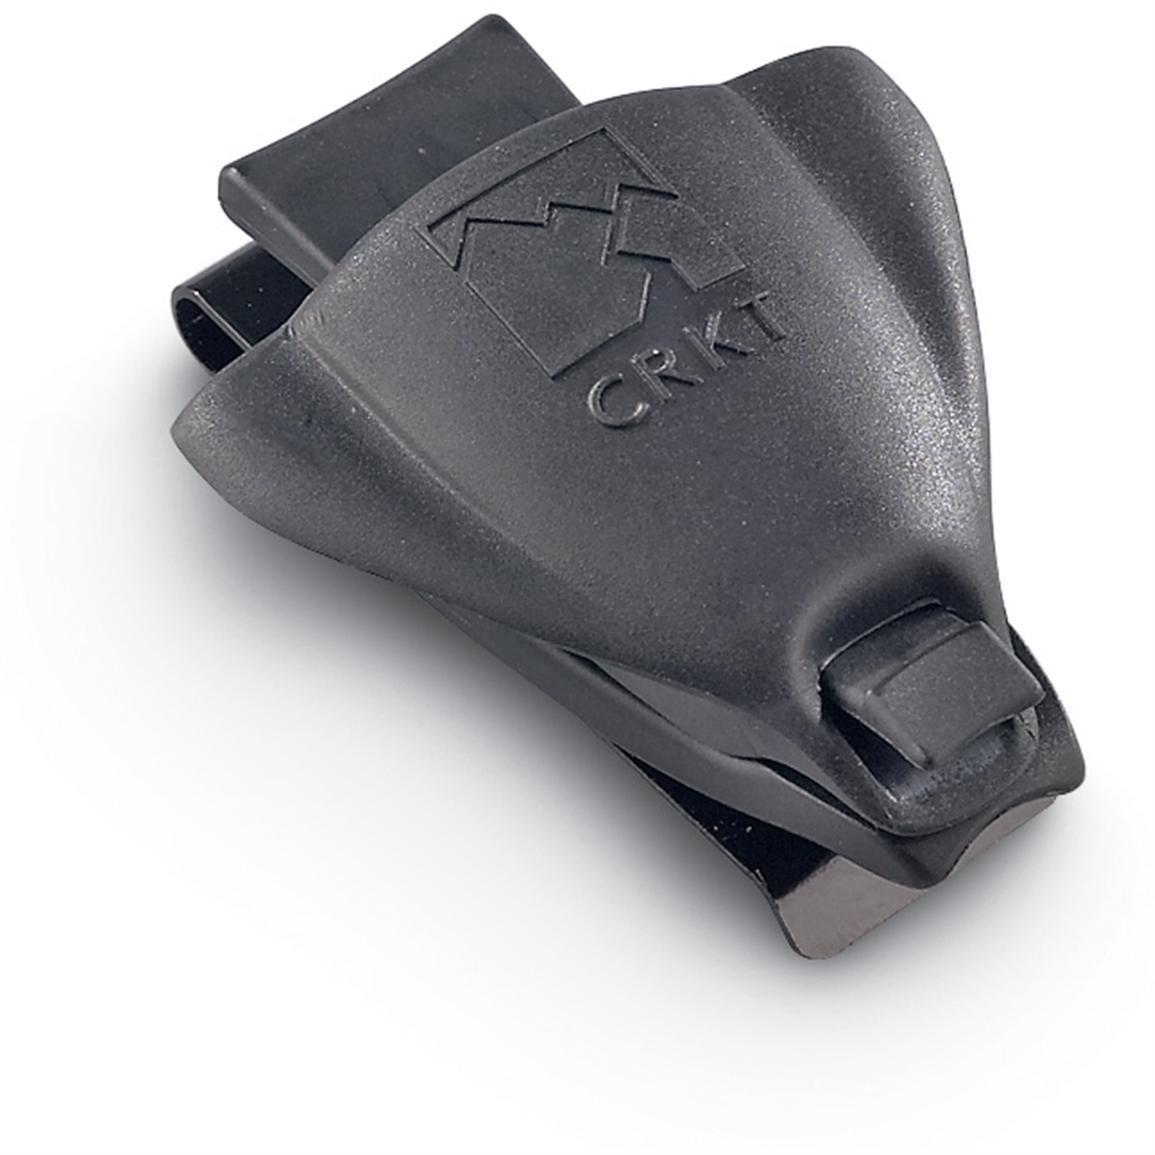 Фото 3 - Тактические ножны для складных ножей Merlin Professional, CRKT MERL1P